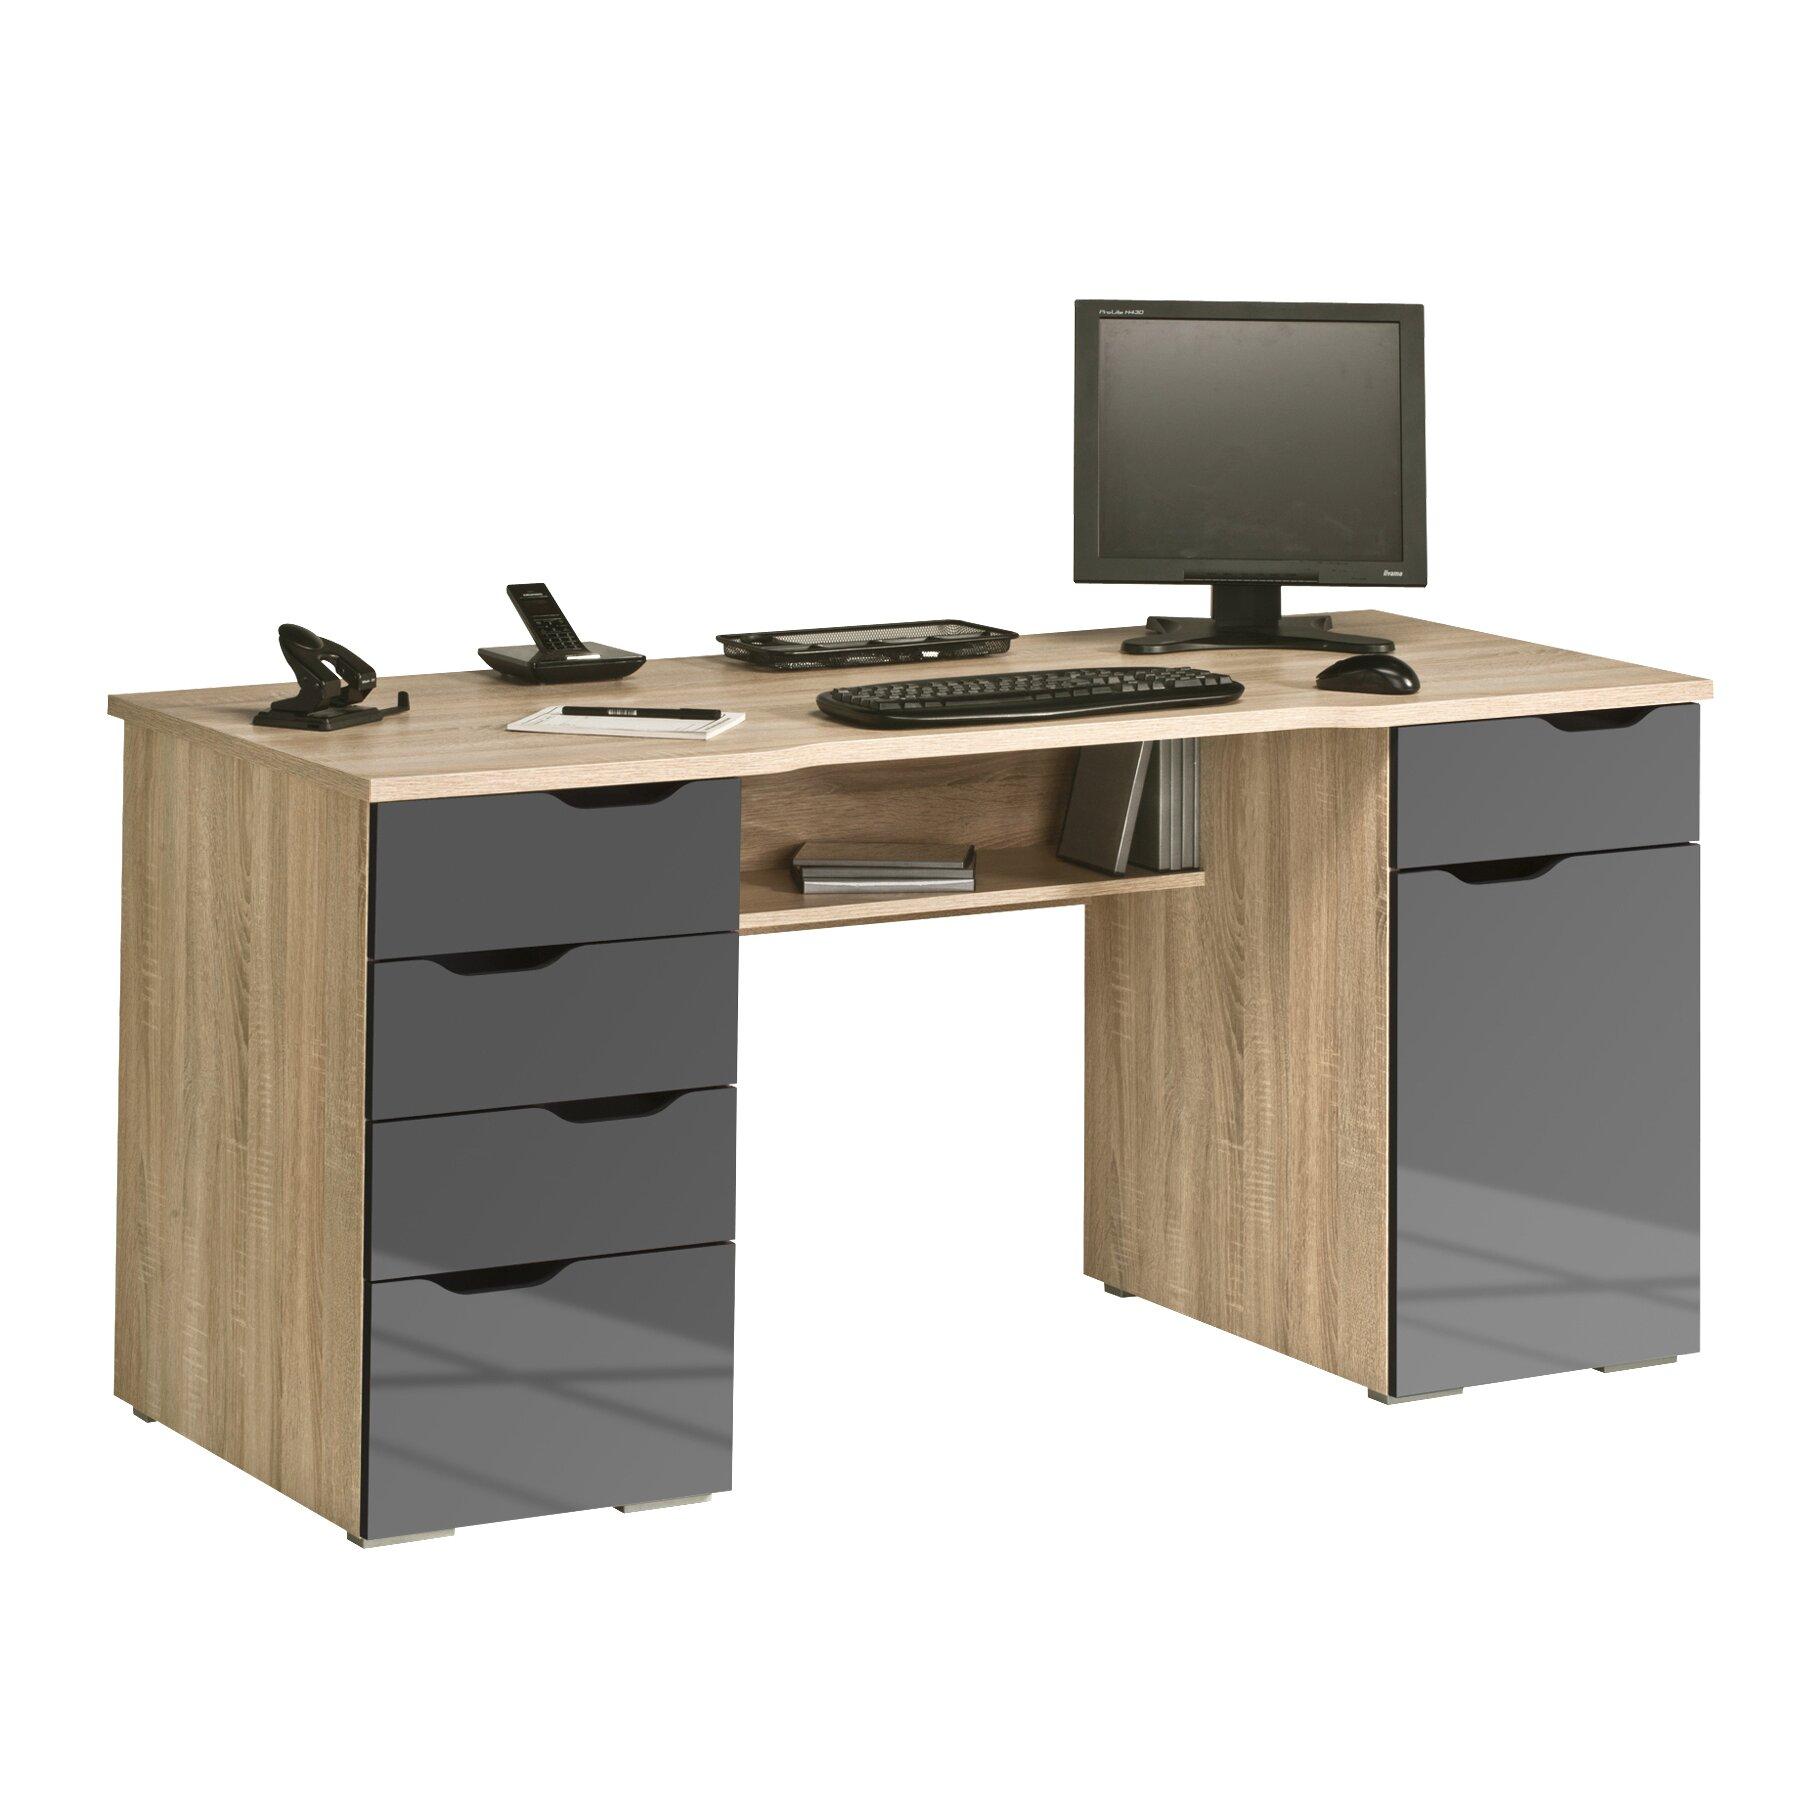 Superb img of Furniture Office Furniture All Desks Maja Möbel SKU: MAJ1385 with #888844 color and 1795x1795 pixels